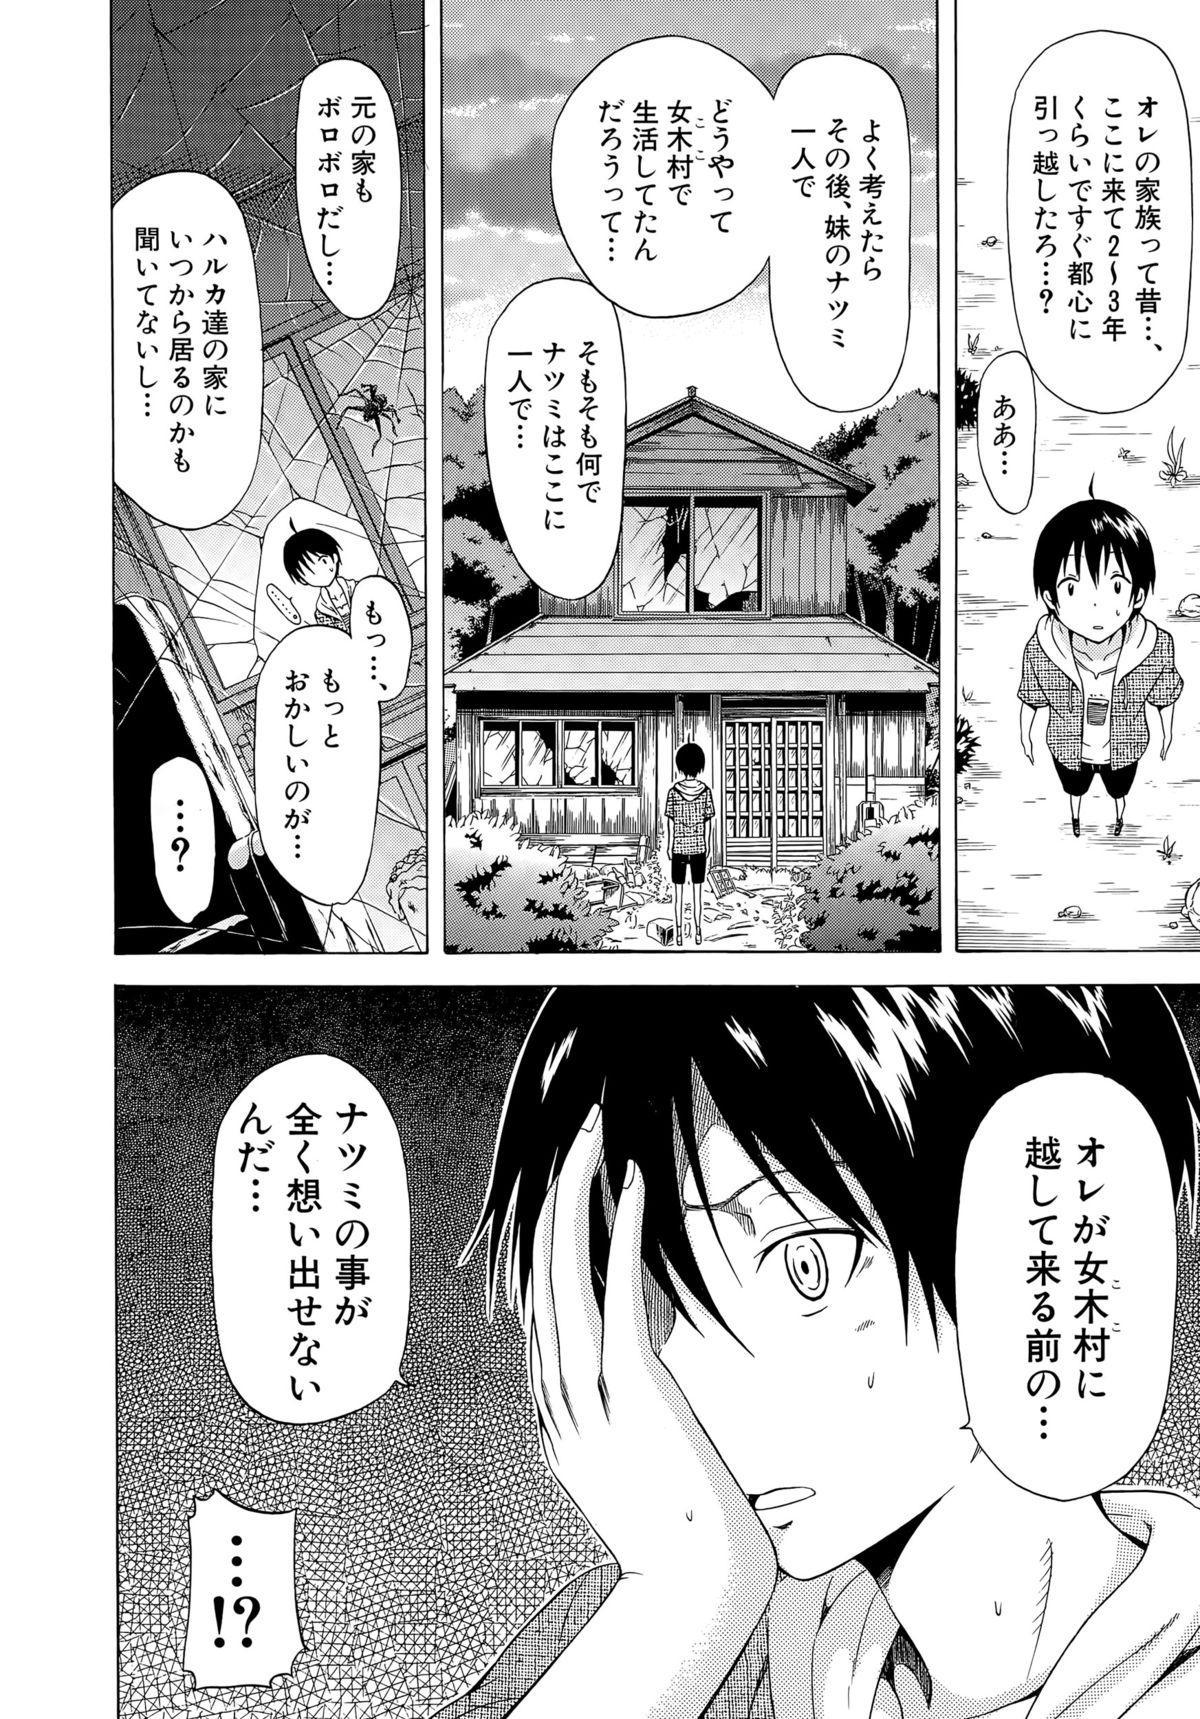 Natsumitsu x Harem! 165